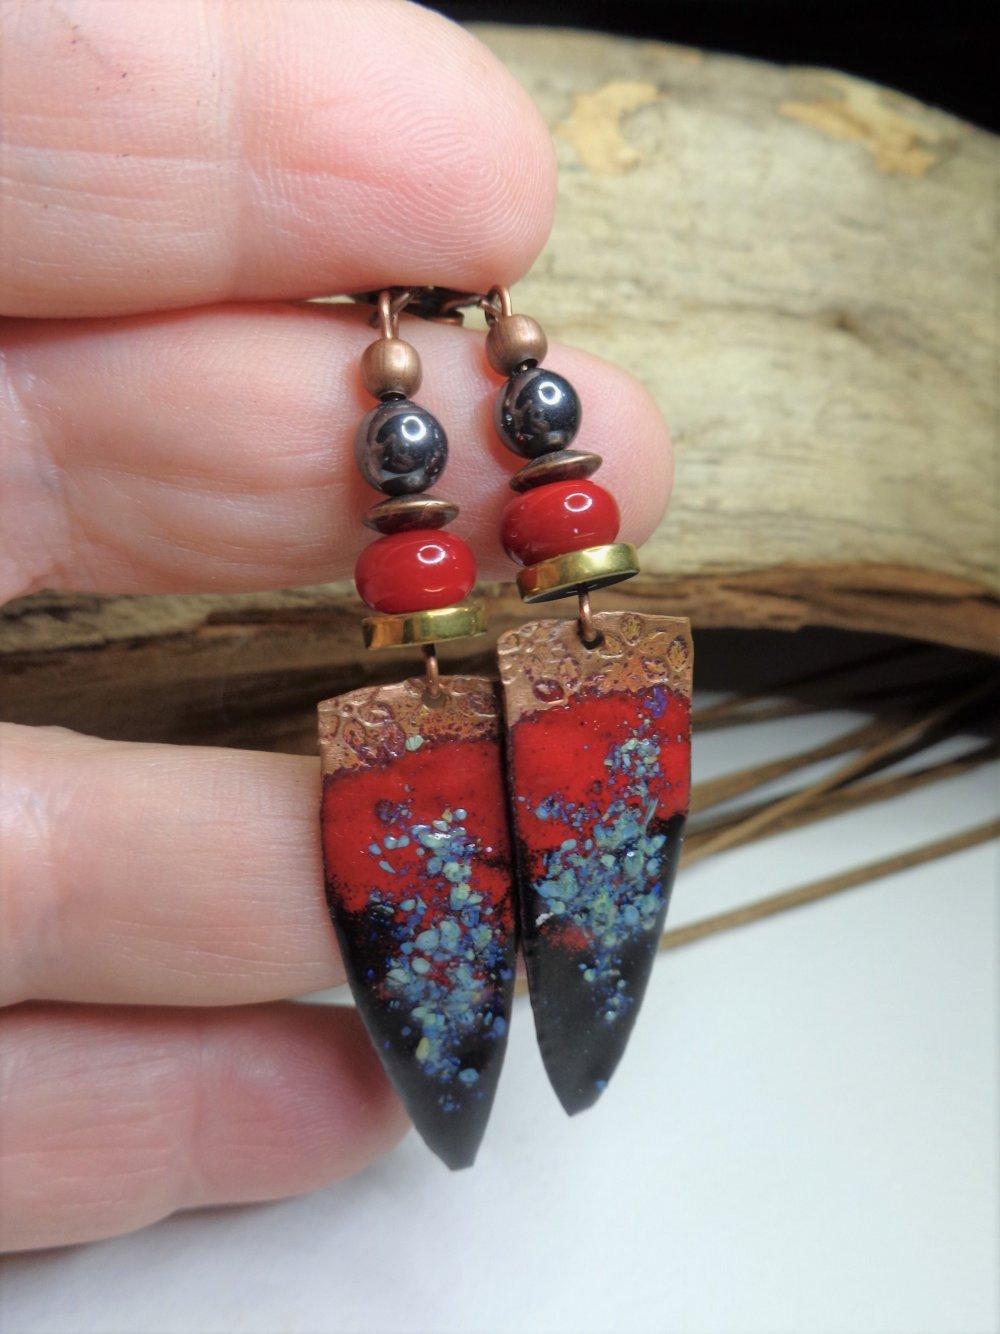 Boucles d'oreille rustiques urbain/boho chic, perles au chalumeau, cuivre émaillé, hématite, noires et rouges, boucles bohèmes